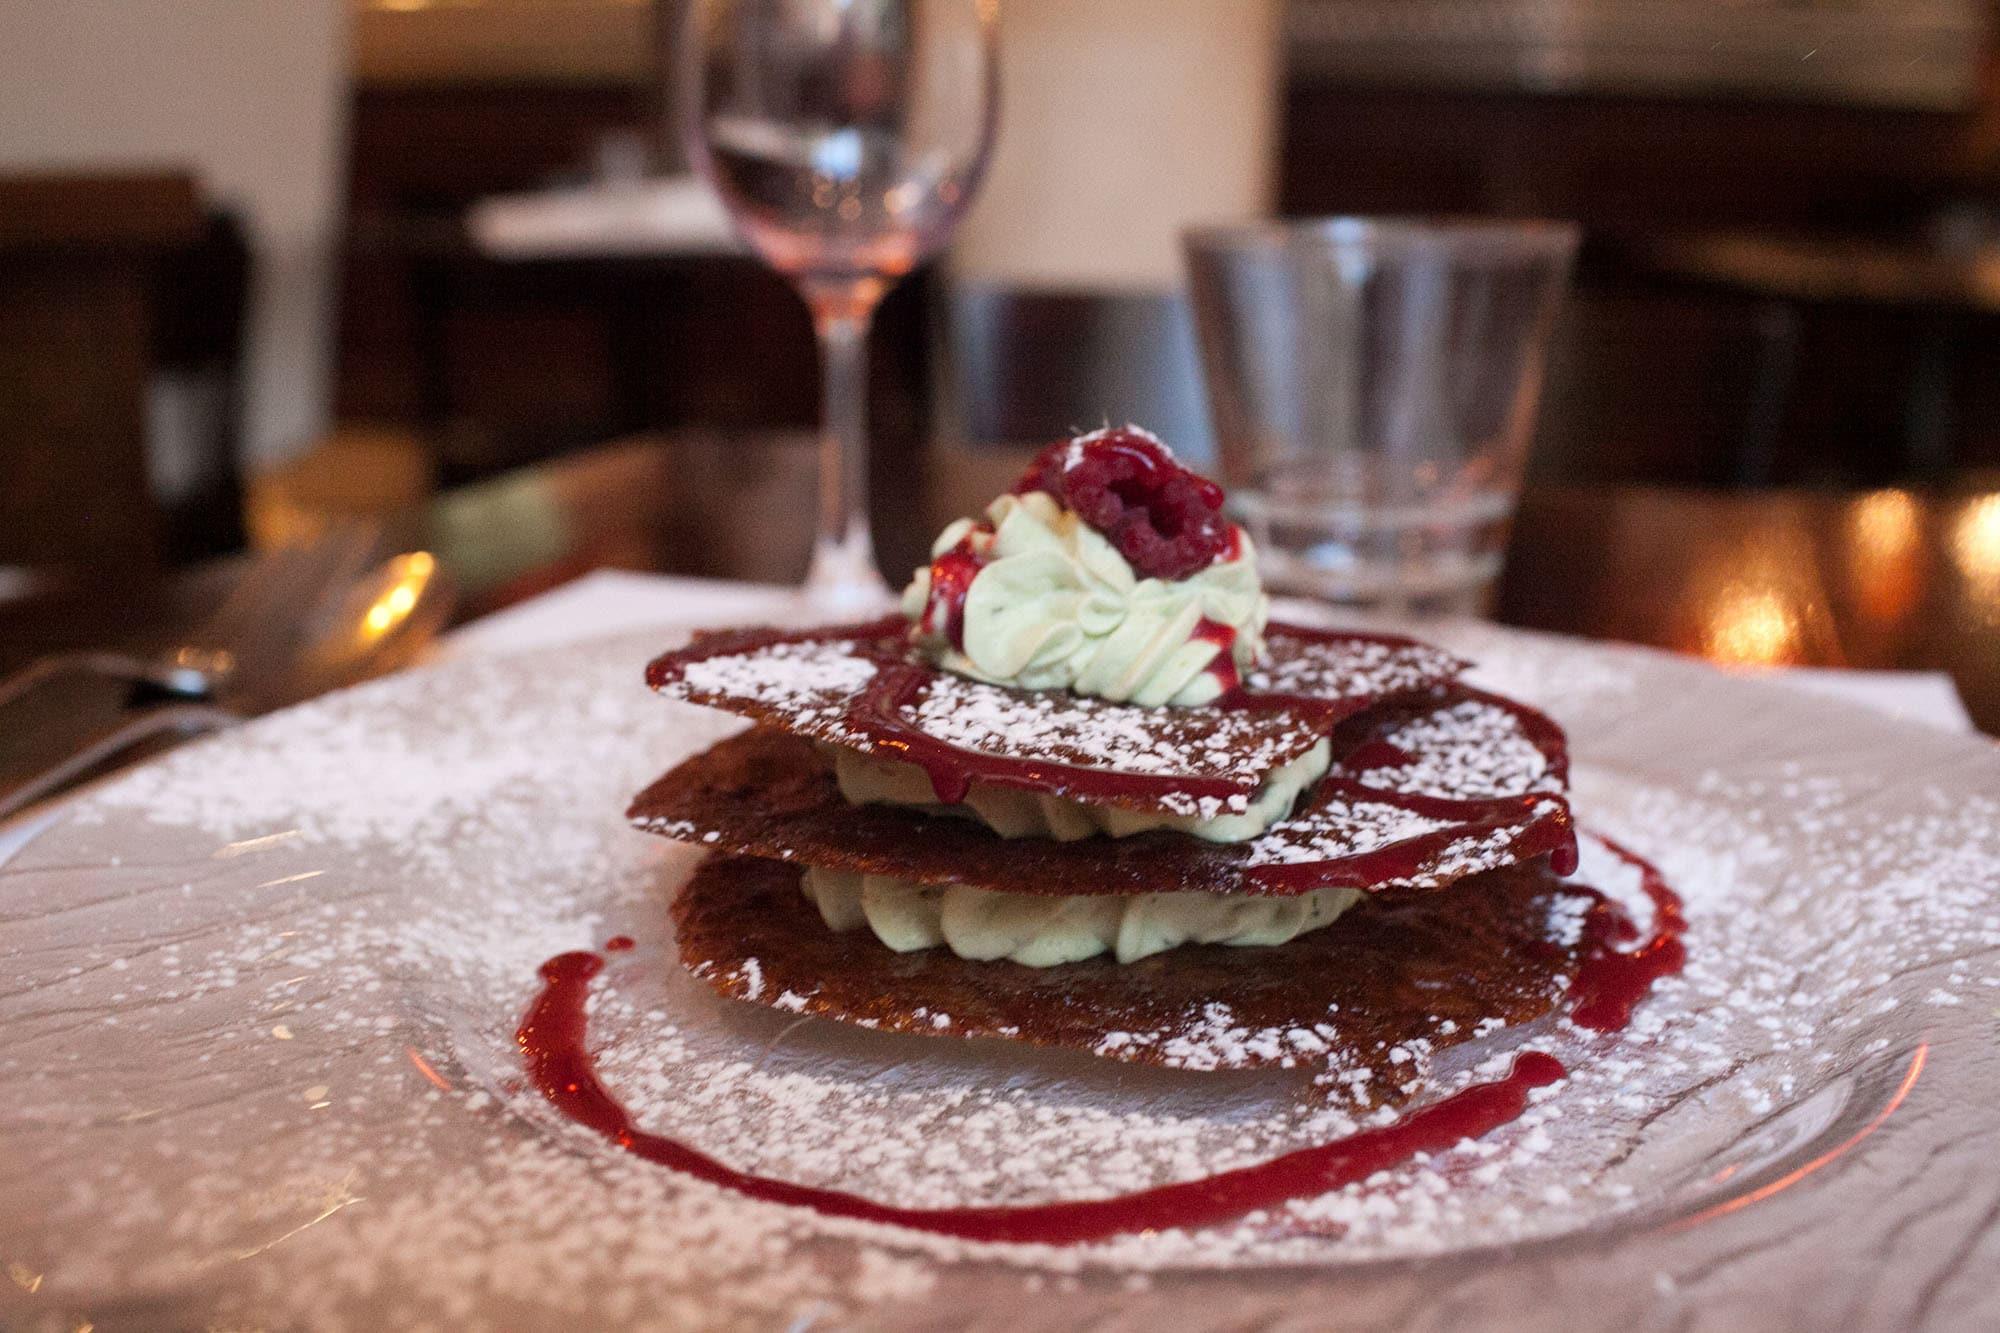 Nutella crepe in Paris